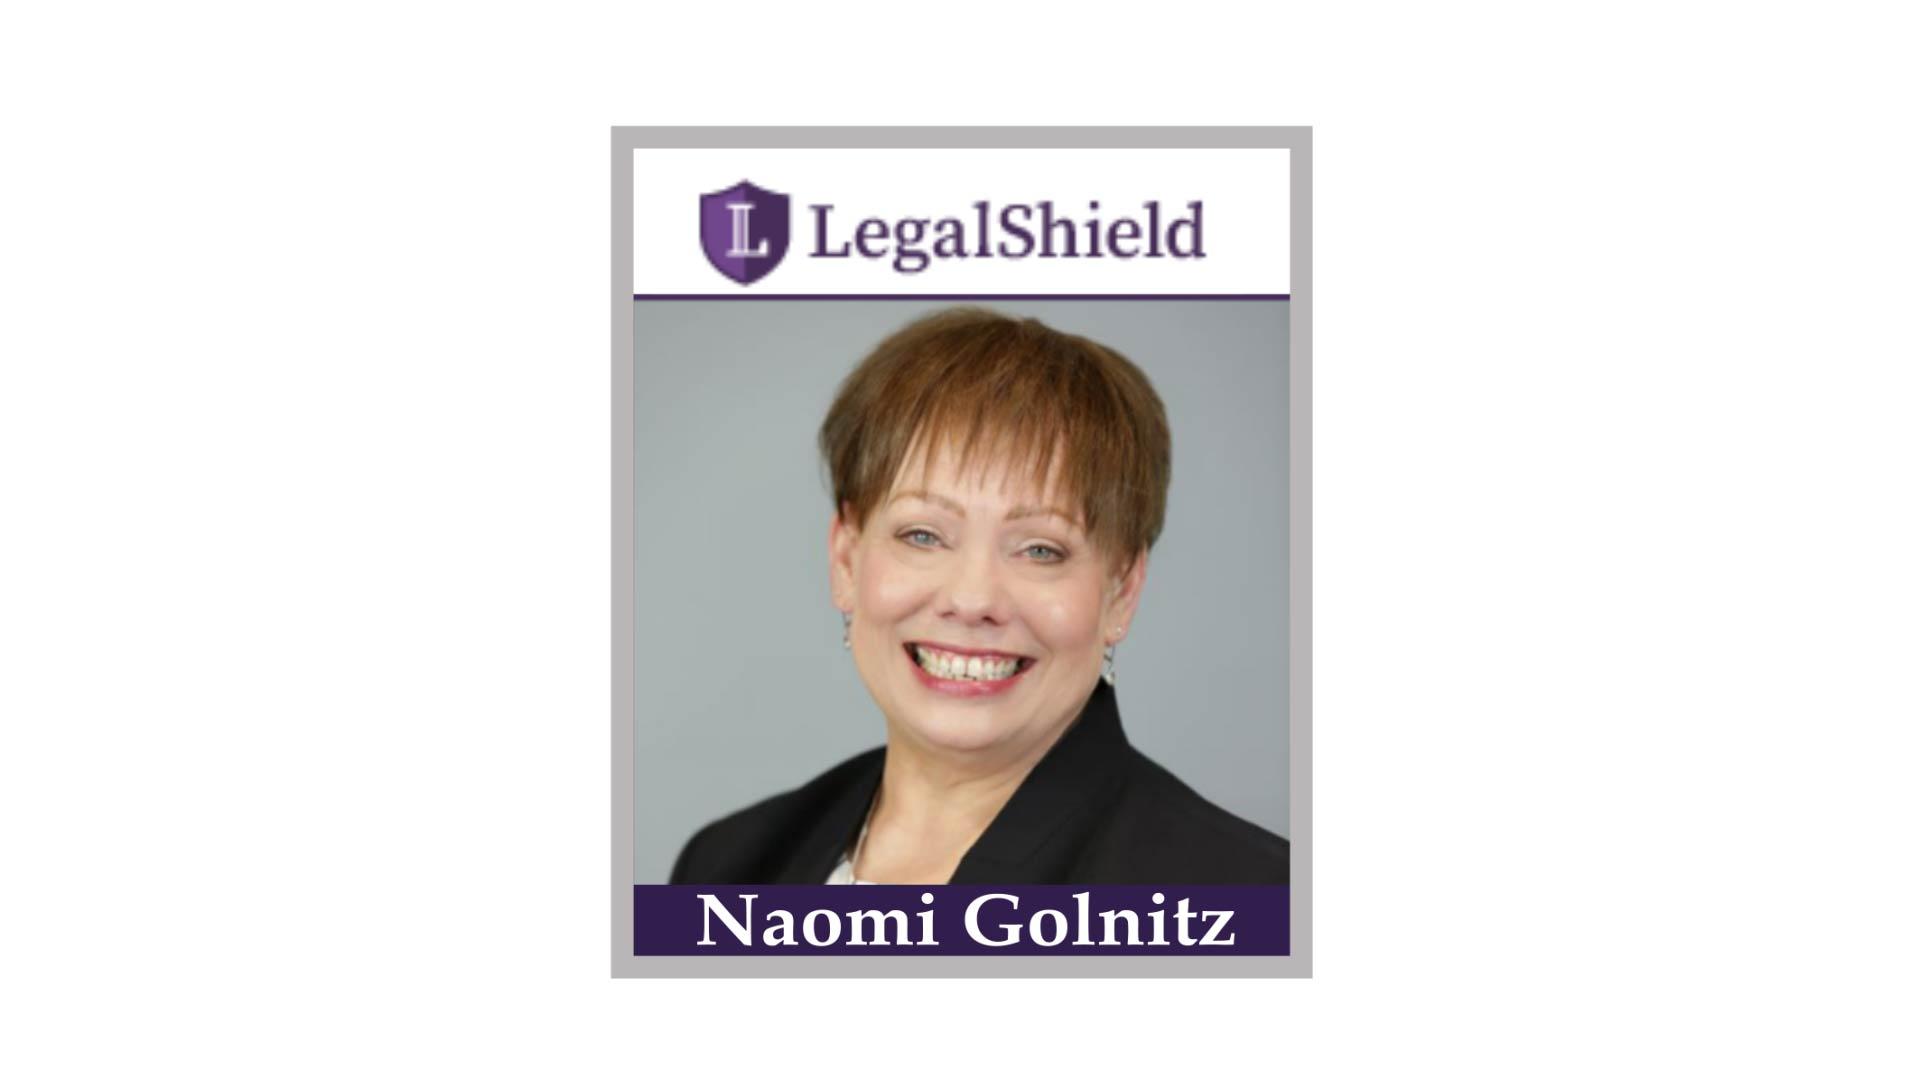 LegalShield – Naomi Golnitz